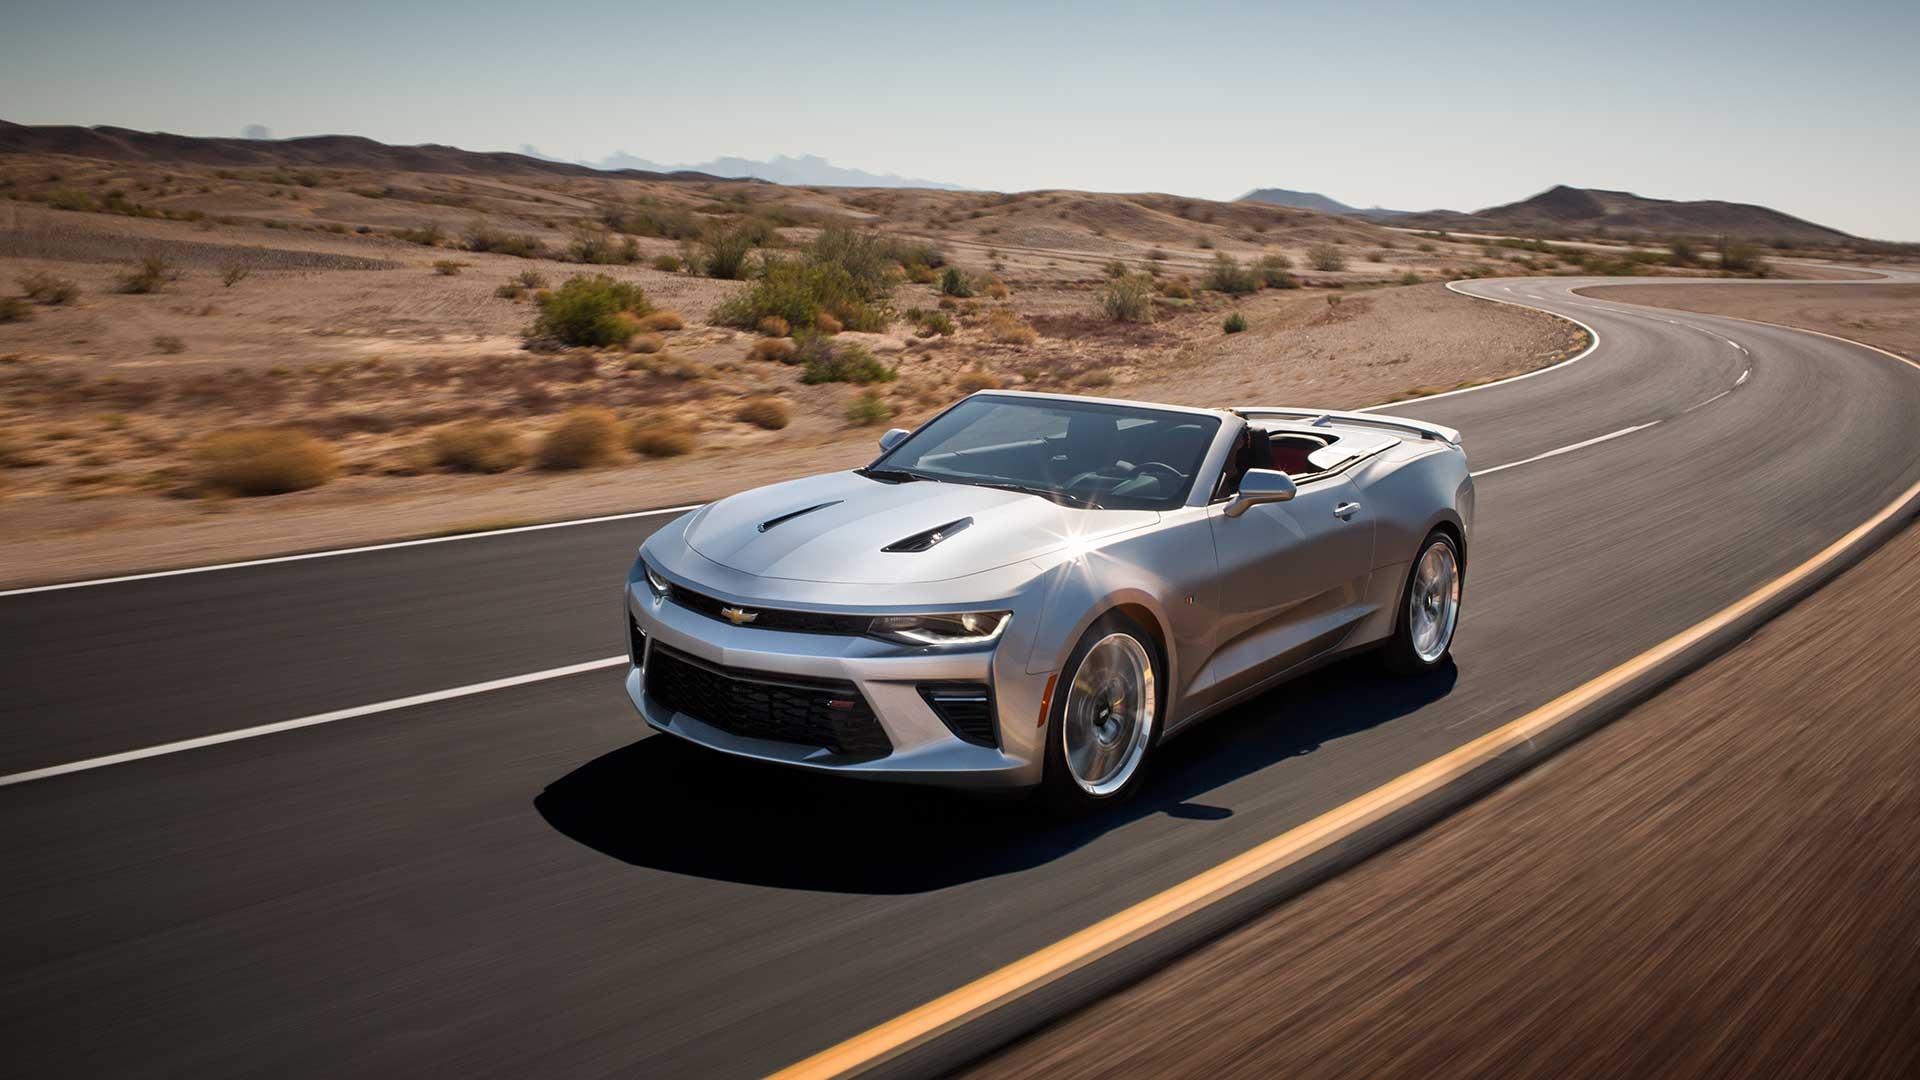 General Motors (Chevrolet, Cadillac, GMC), prêt pour la voiture autonome